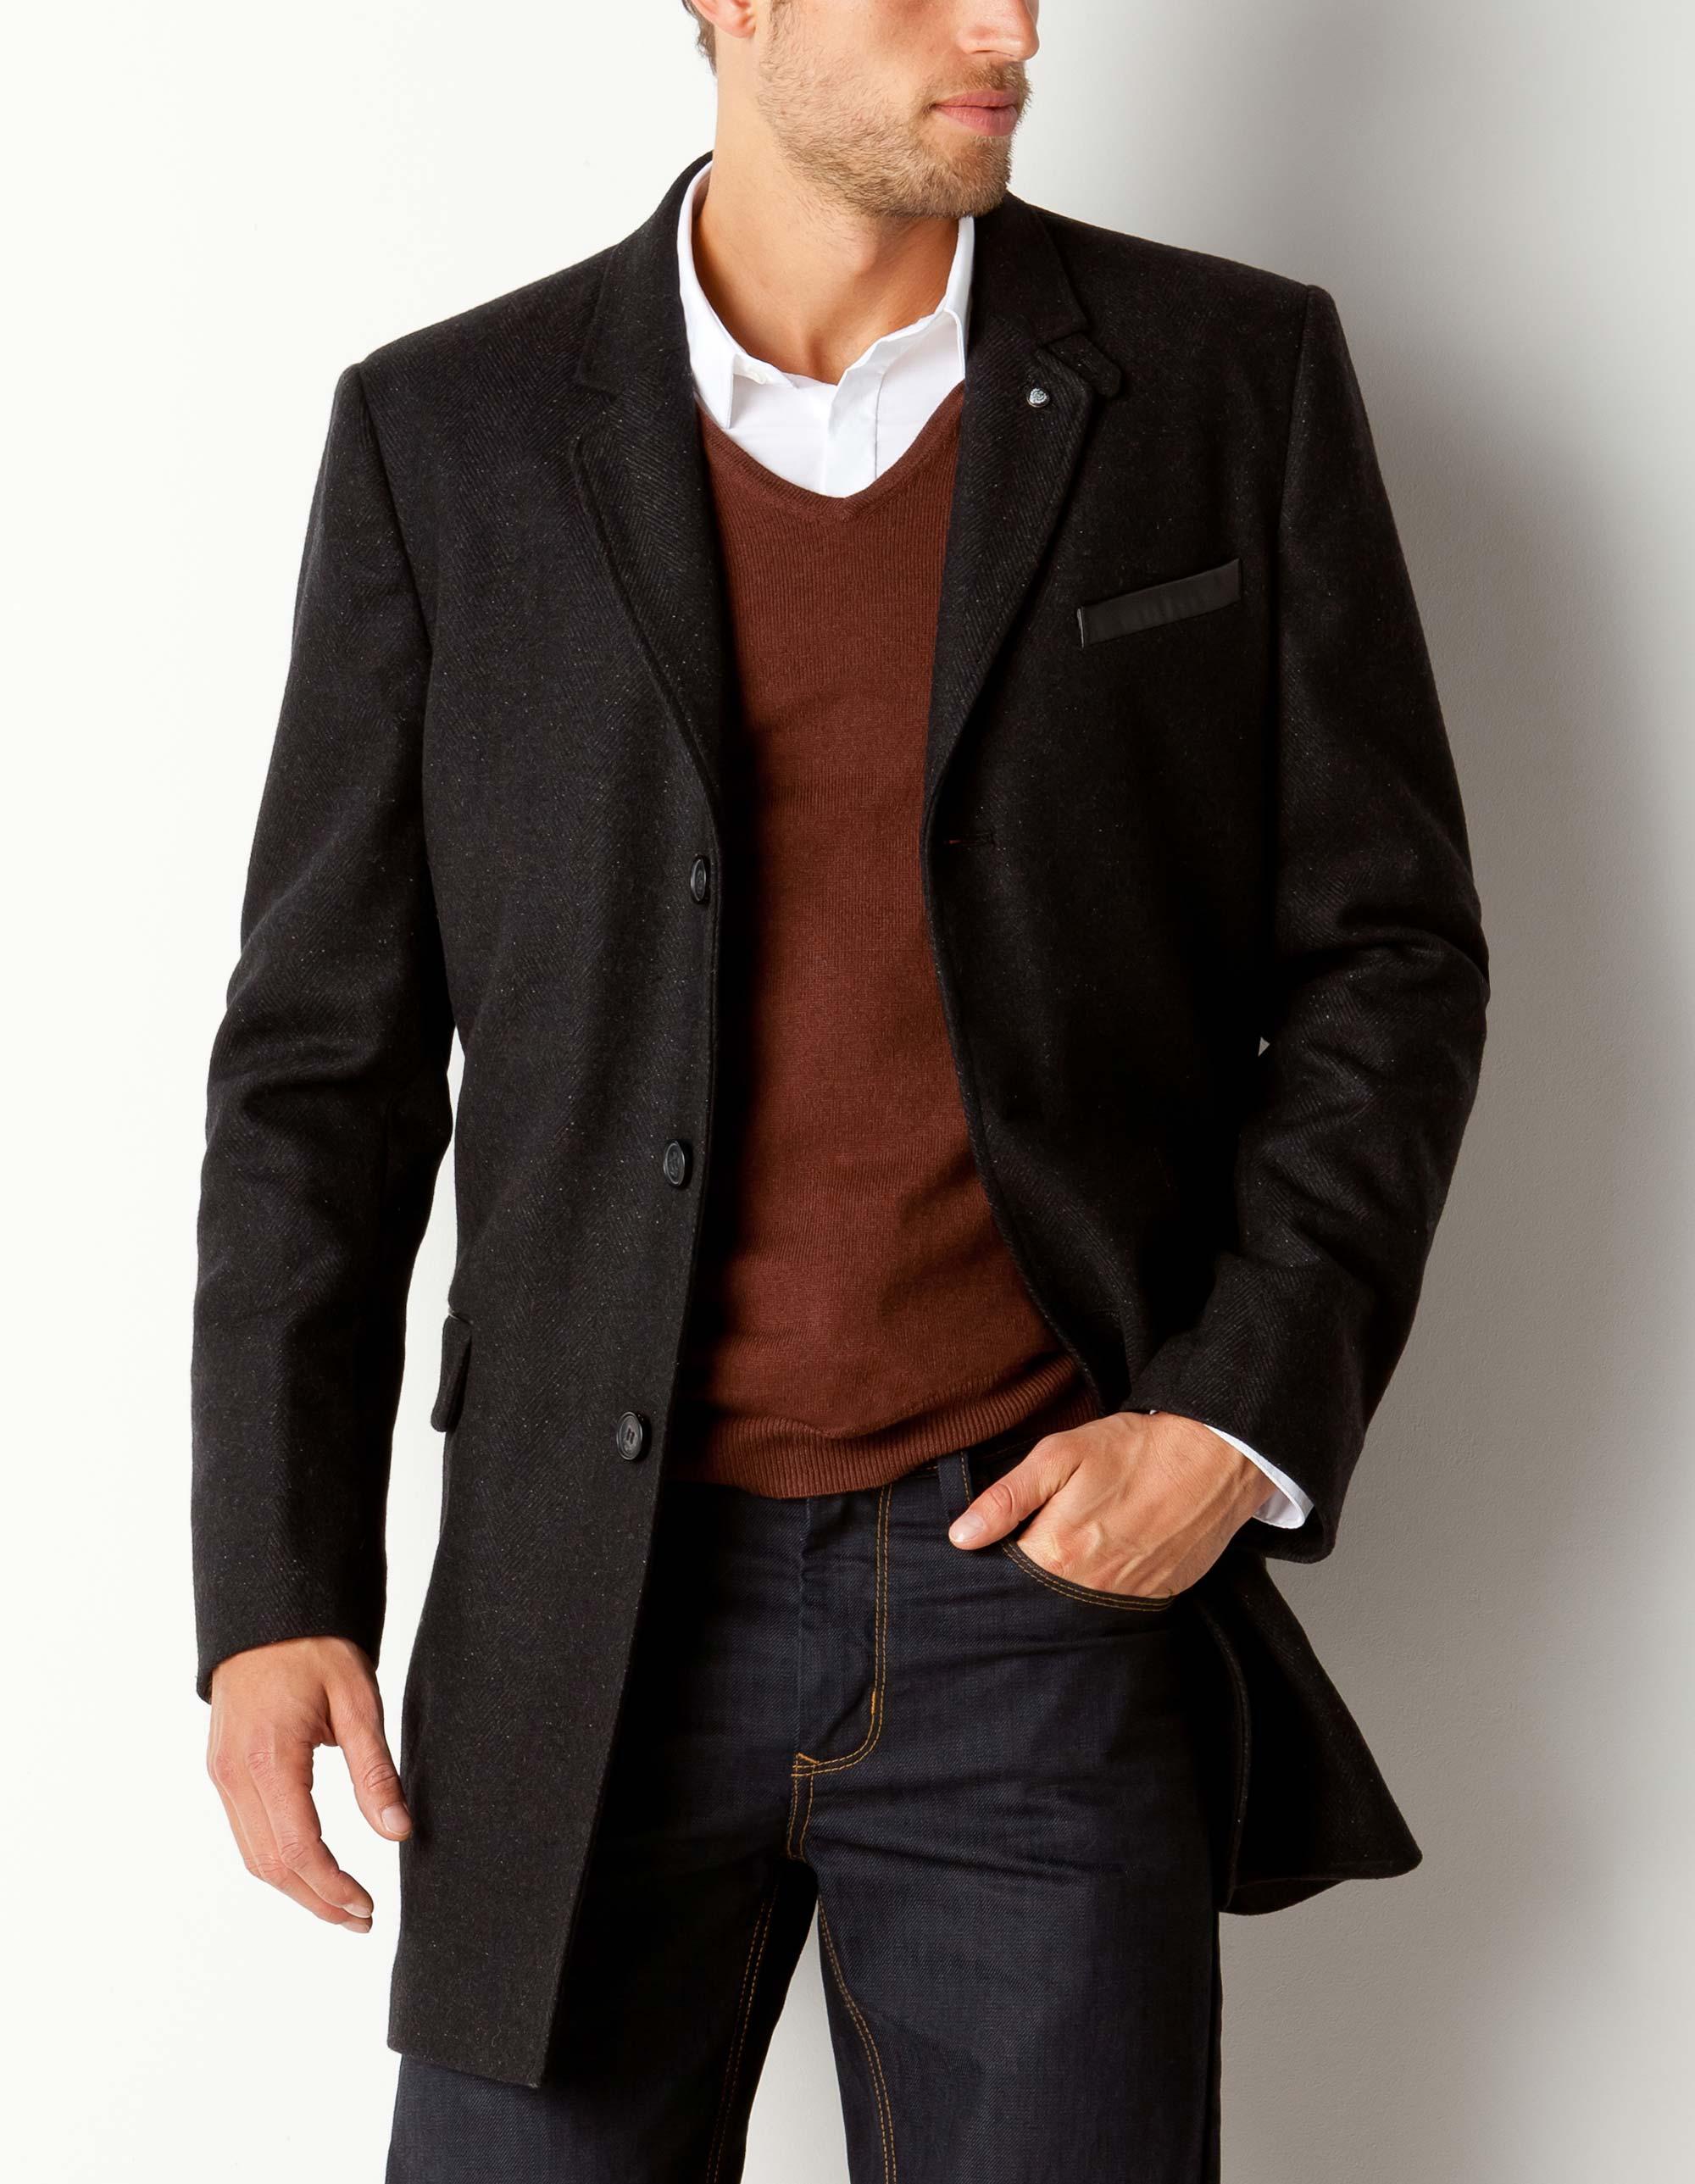 manteau homme court, Pinterest